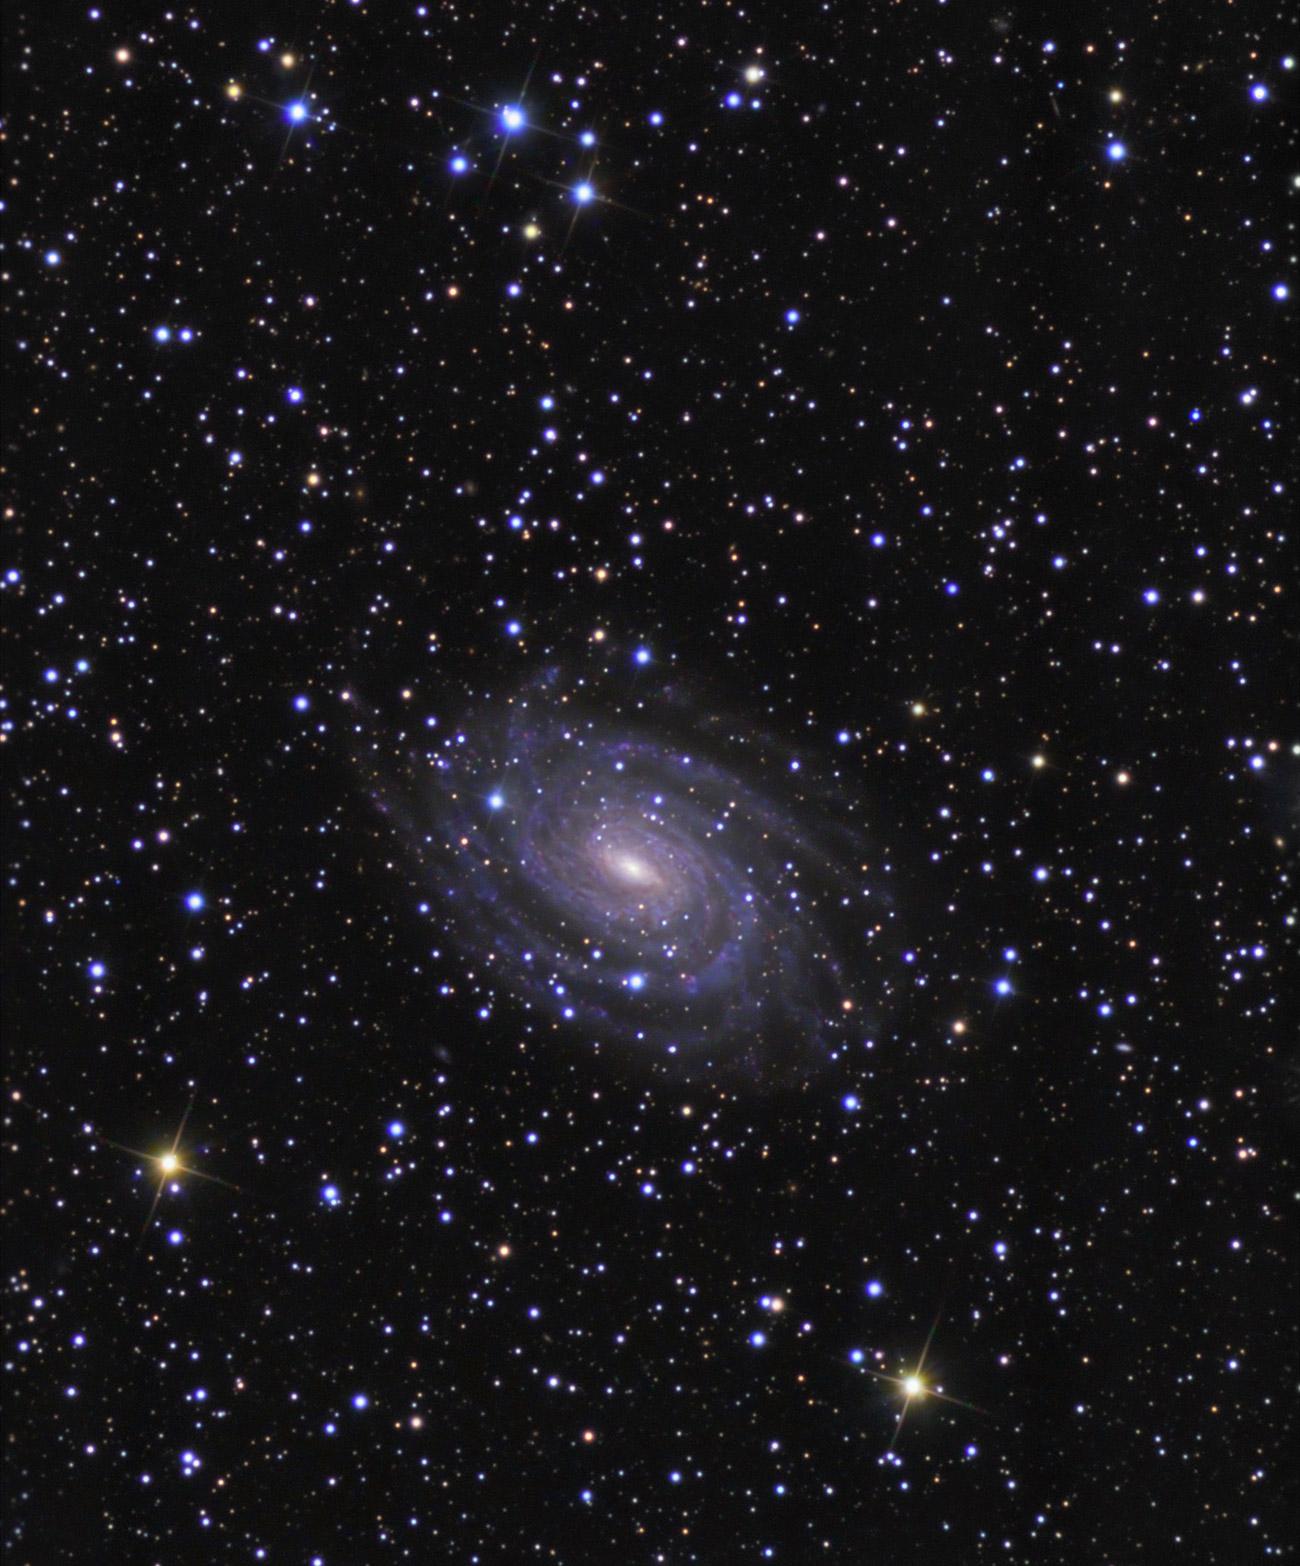 http://2.bp.blogspot.com/_R82B80oQcsk/SwDEXDkLLfI/AAAAAAAABkI/J0EelVVaxtM/s1600/beyond-the-stars.jpg